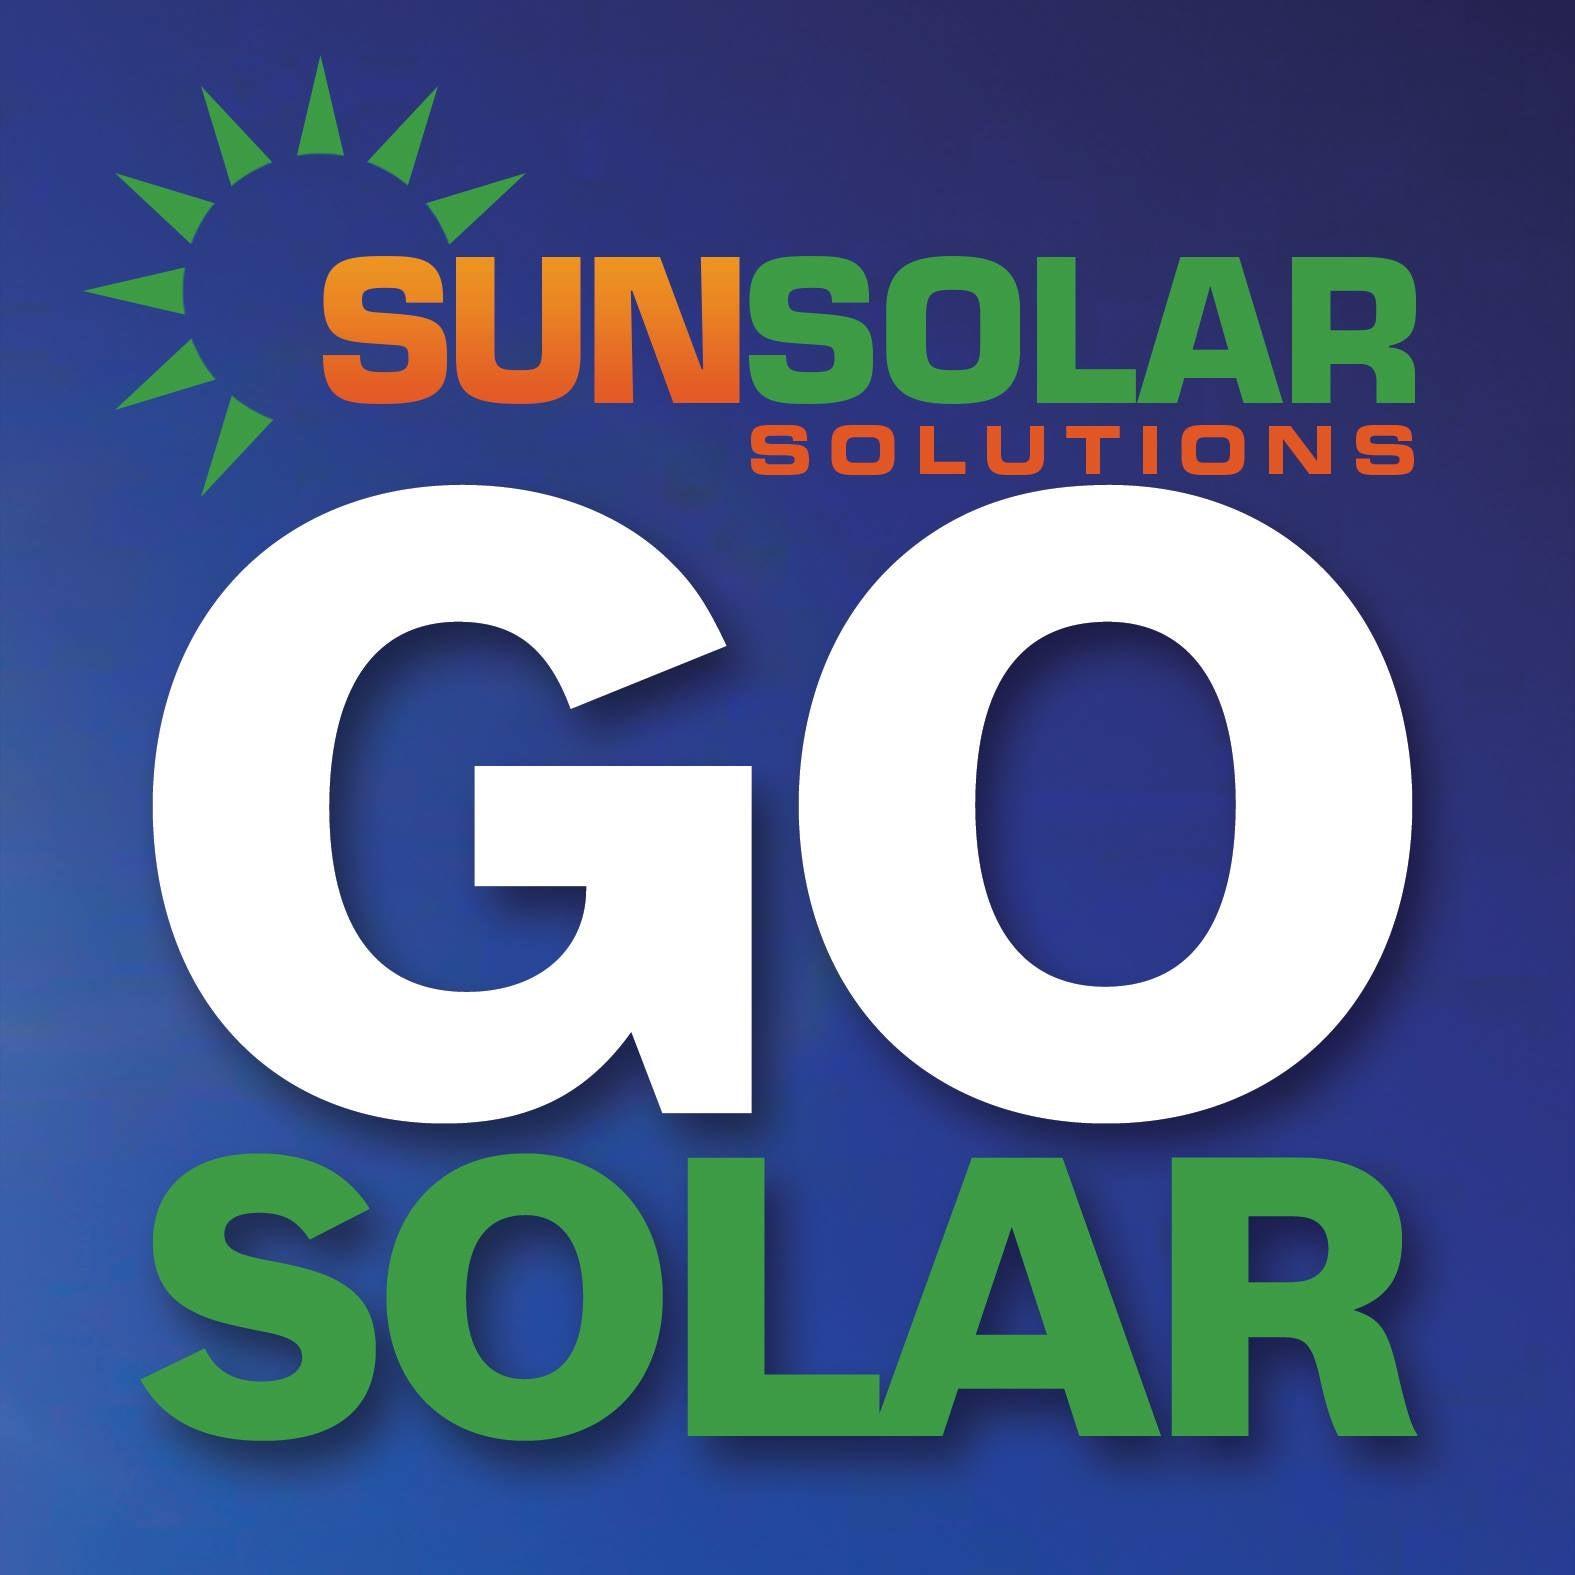 Sun Solar Solutions Solar Reviews Complaints Address